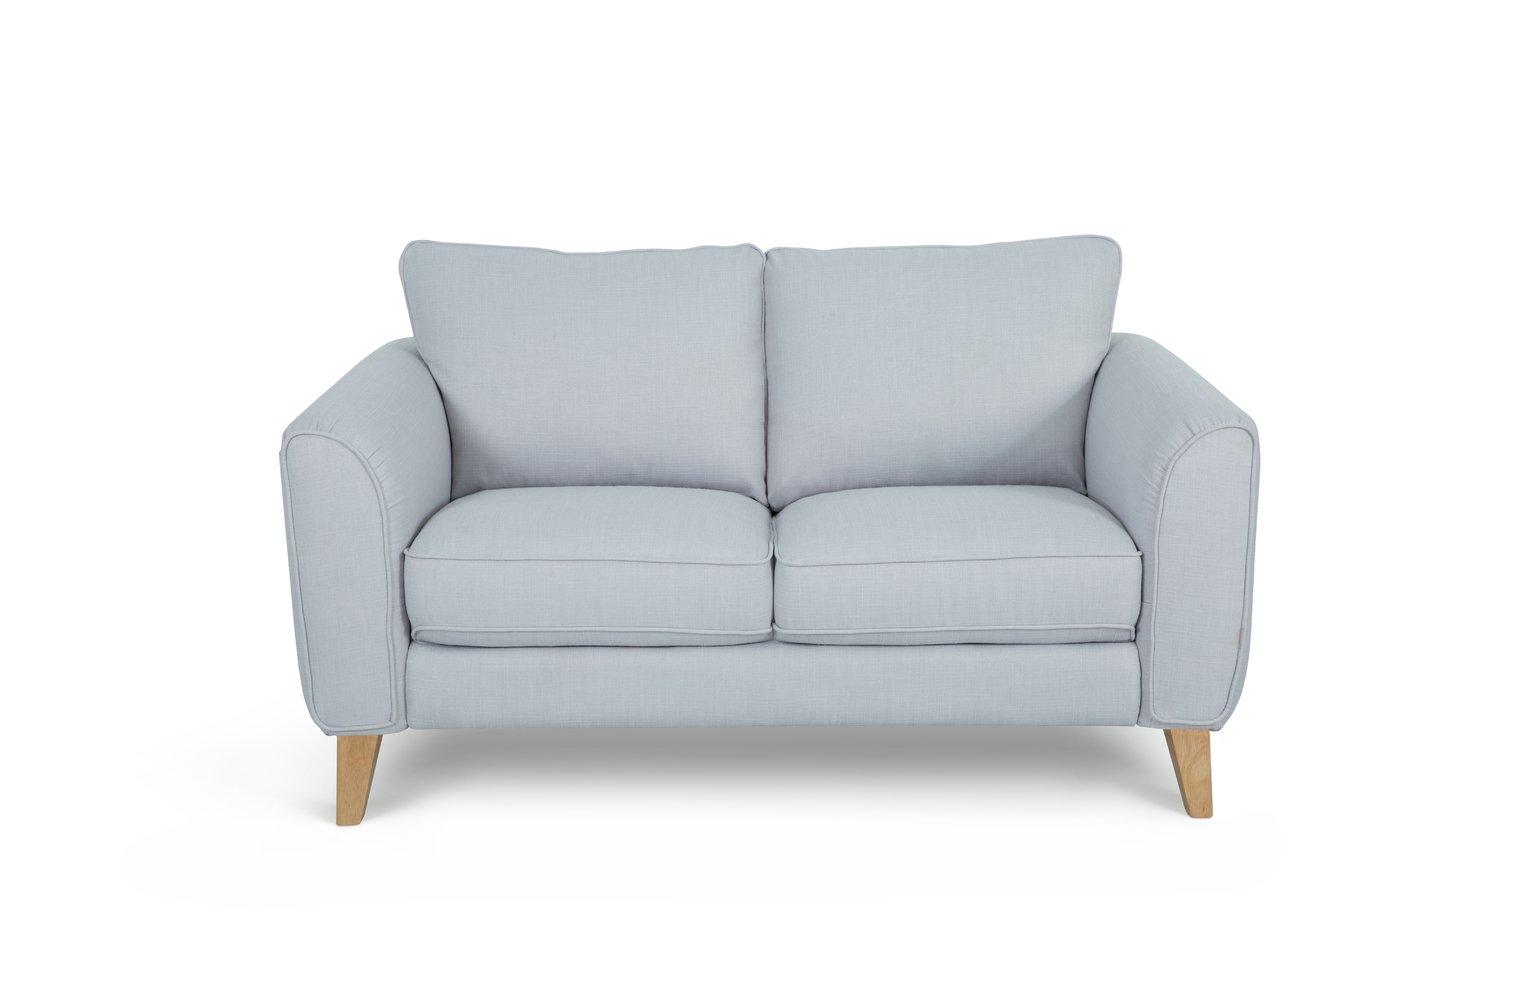 Habitat Cooper 2 Seater Fabric Sofa - Light Grey